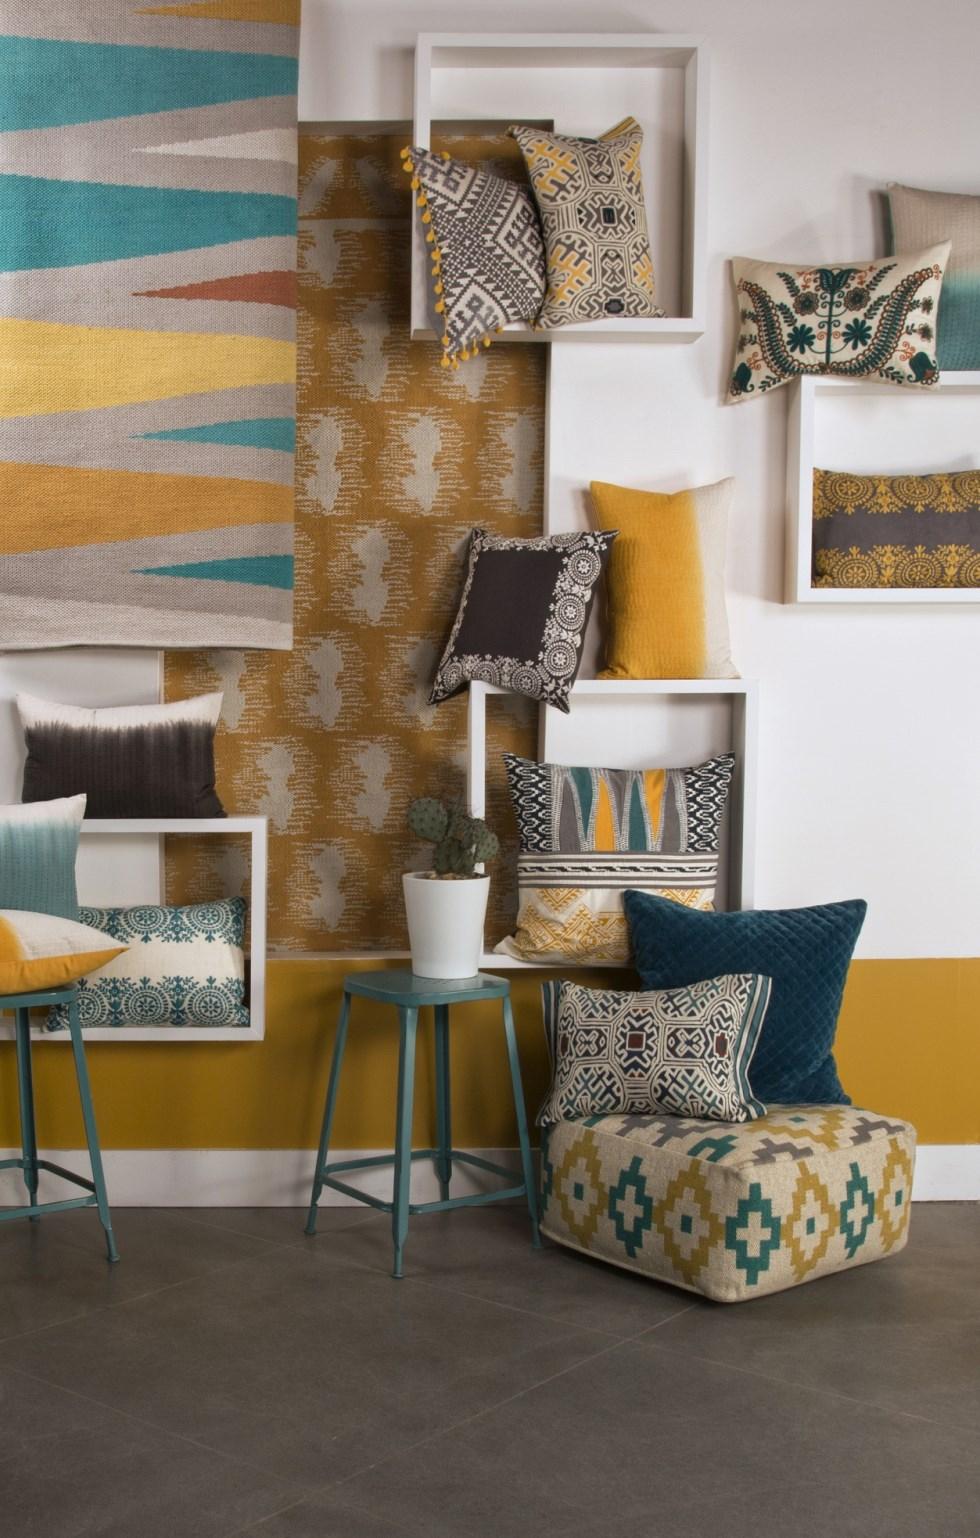 צמר שטיחים יפים - נגיעות כחולות וצהובות